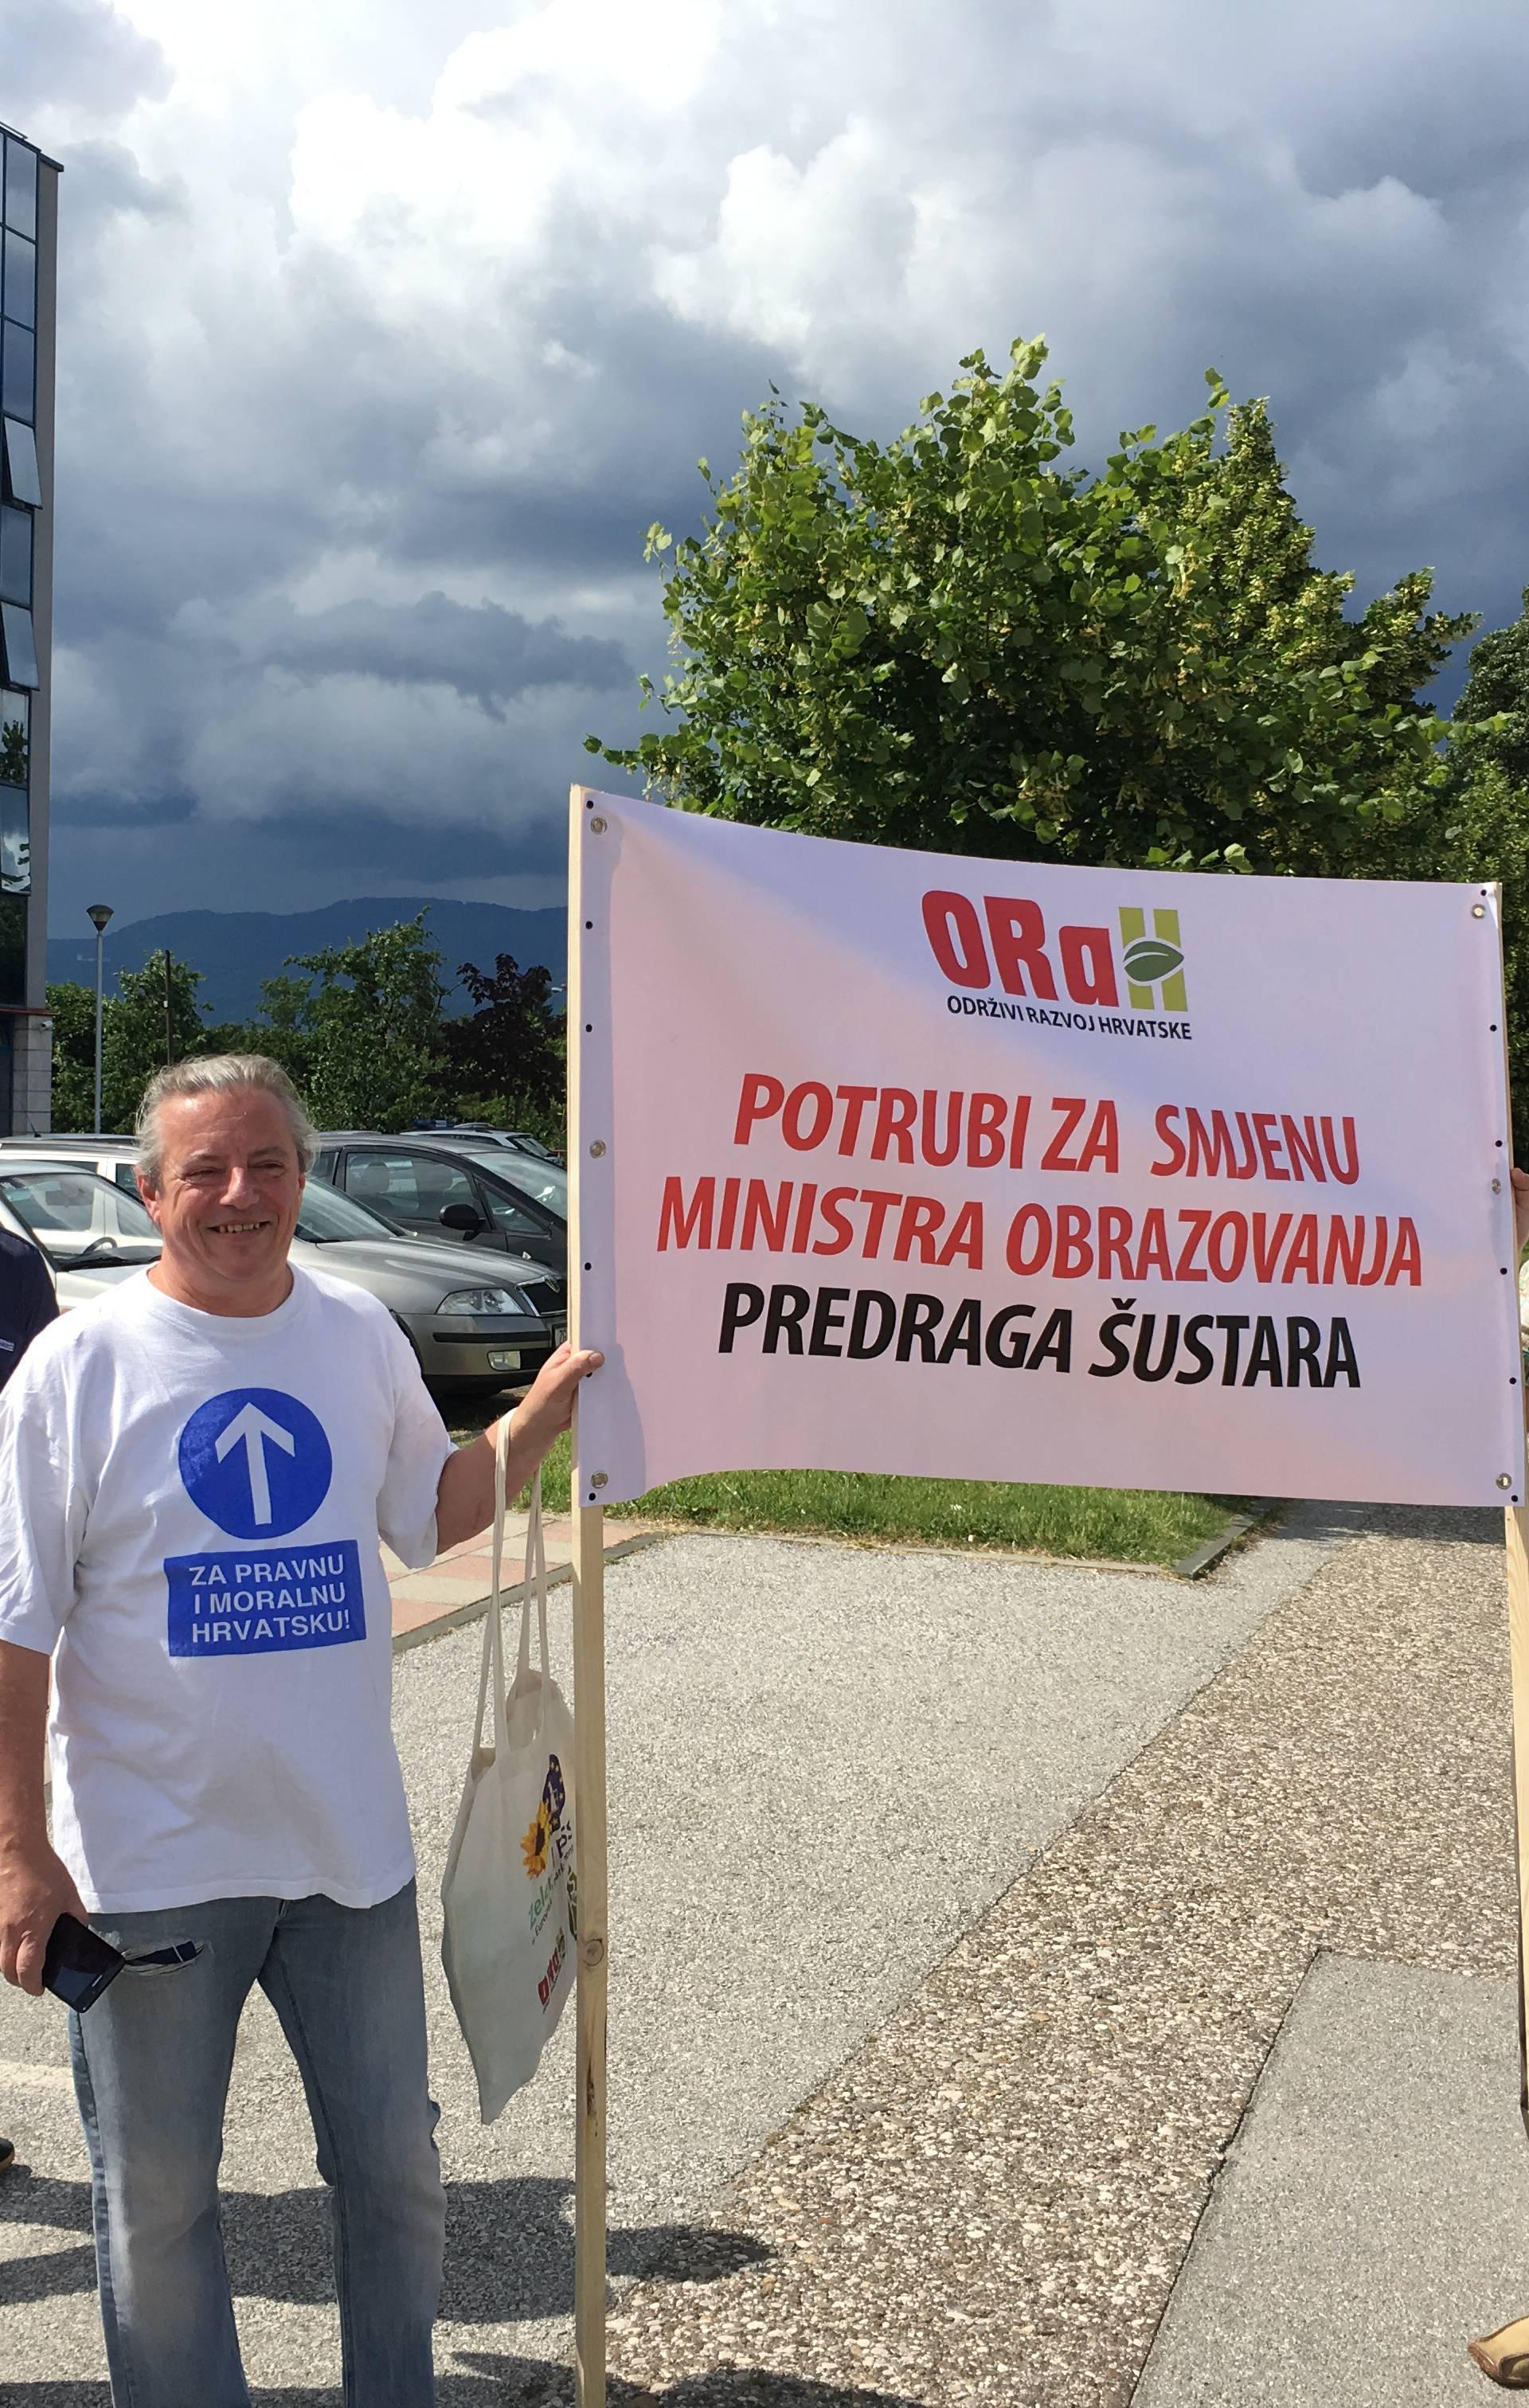 ORaH mirno prosvjedovao i zatražio Šustarovu  ostavku